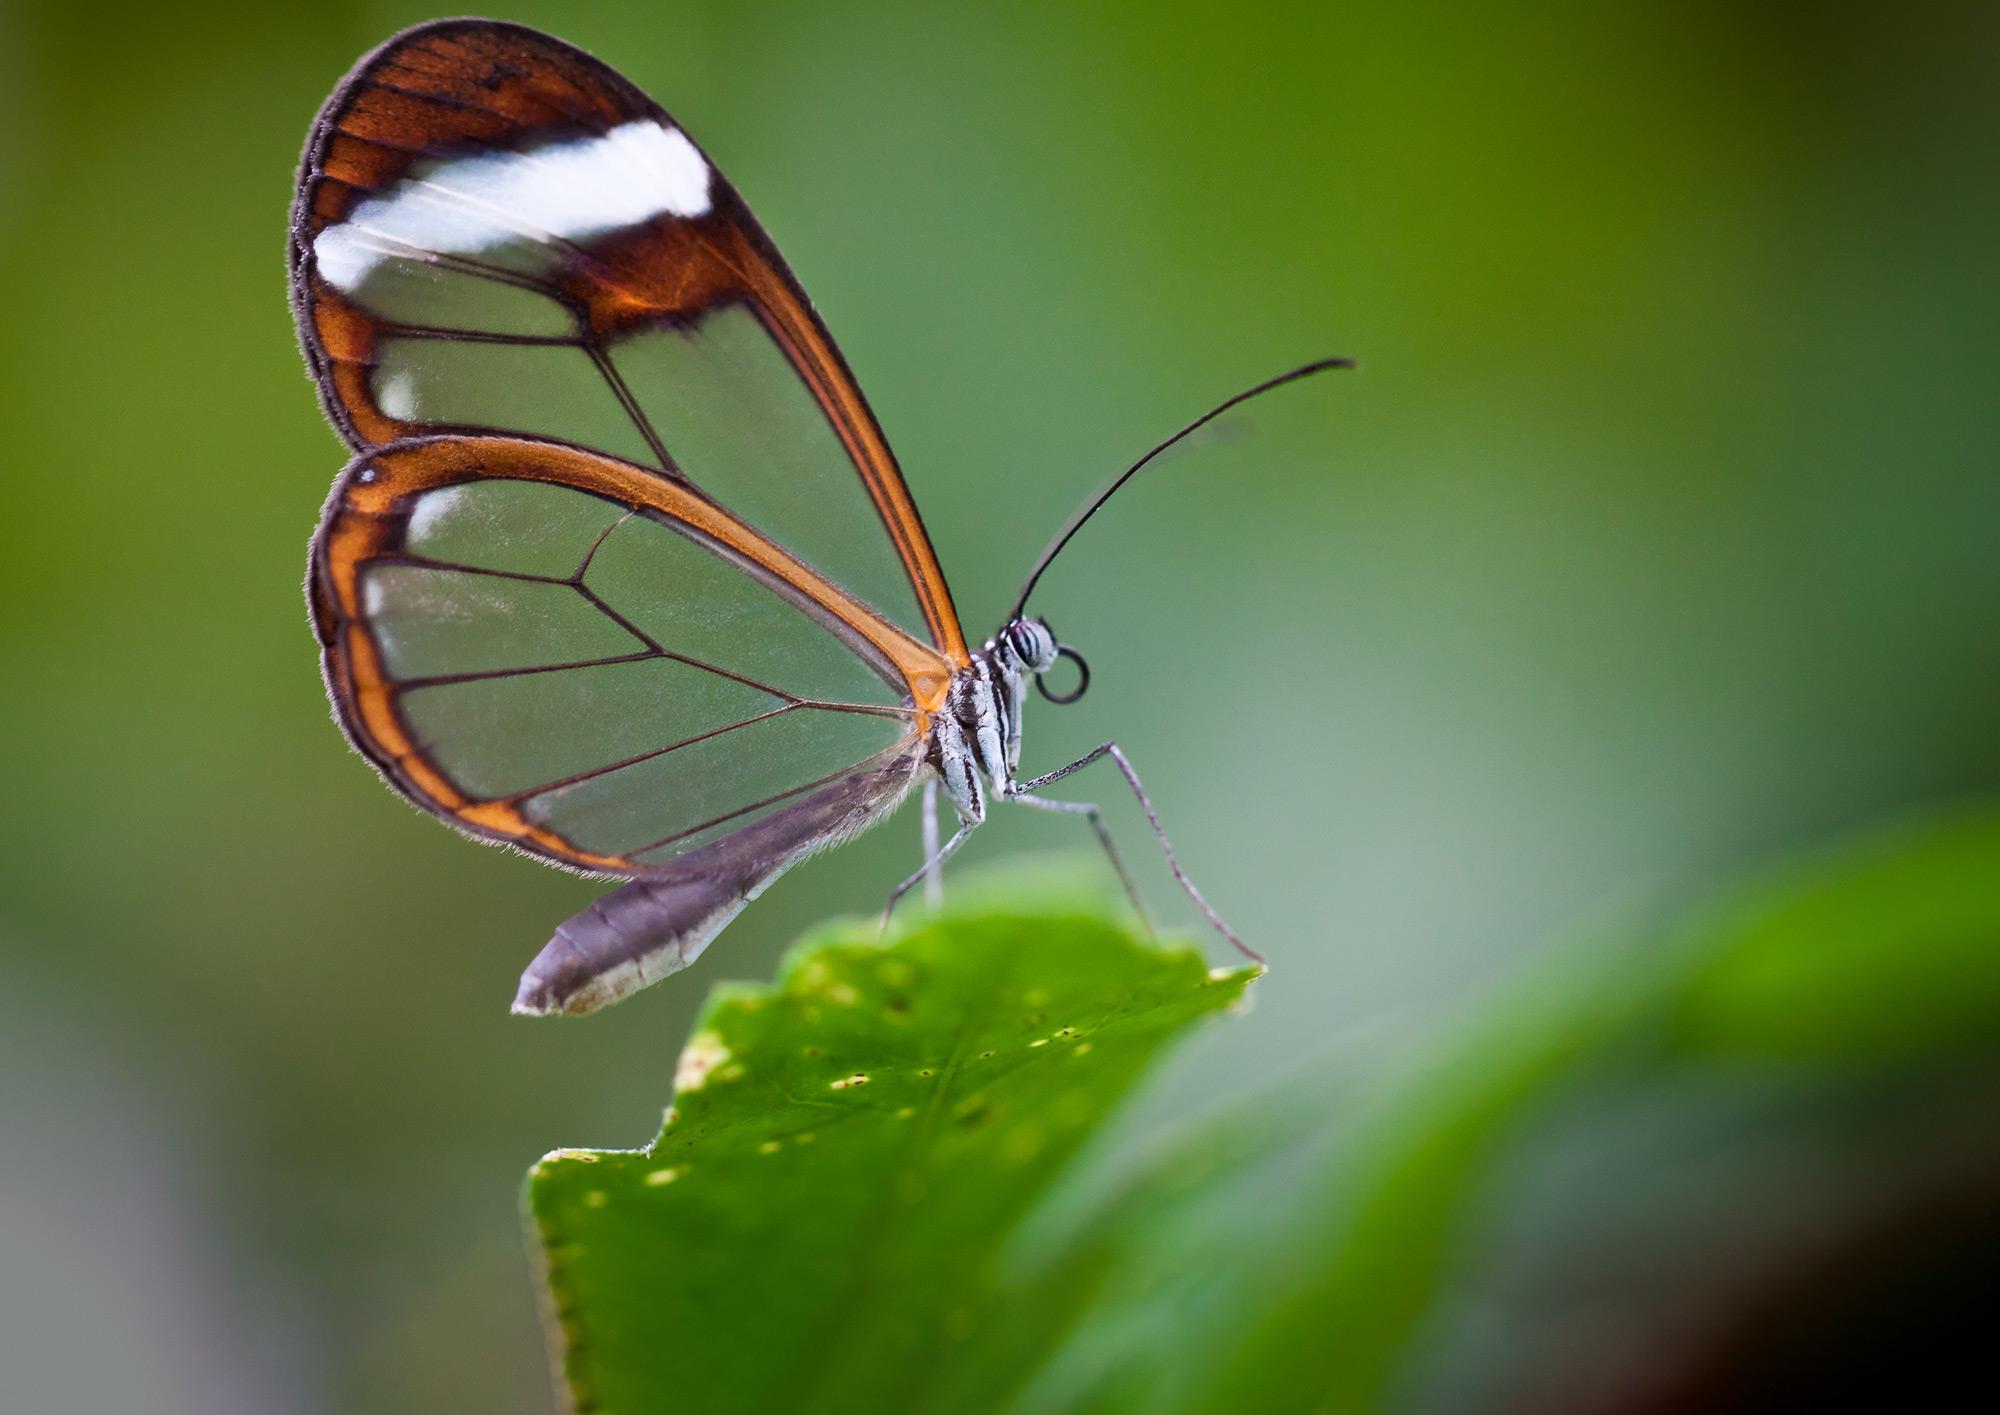 Cánh bướm trong suốt rất đẹp